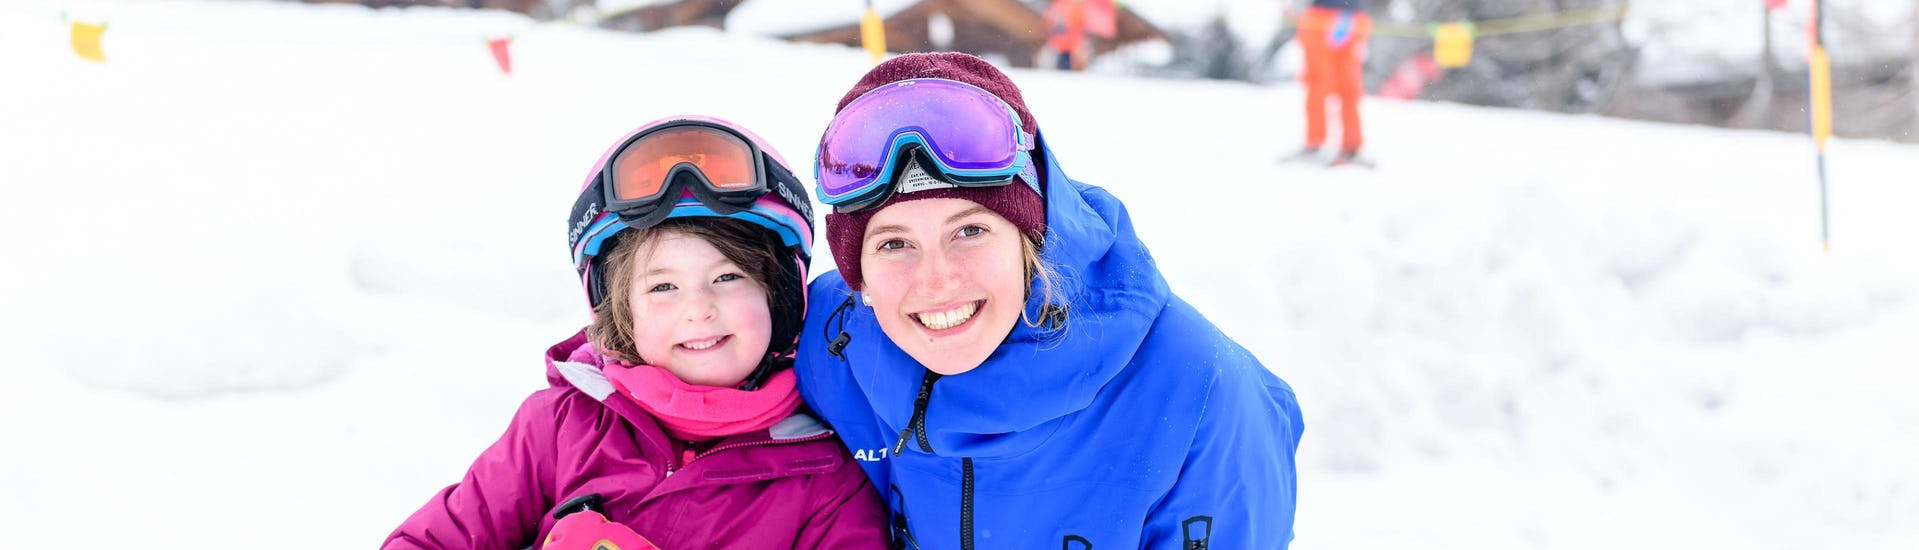 Ski Privatlehrer für Kinder - Alle Altersgruppen - Gstaad